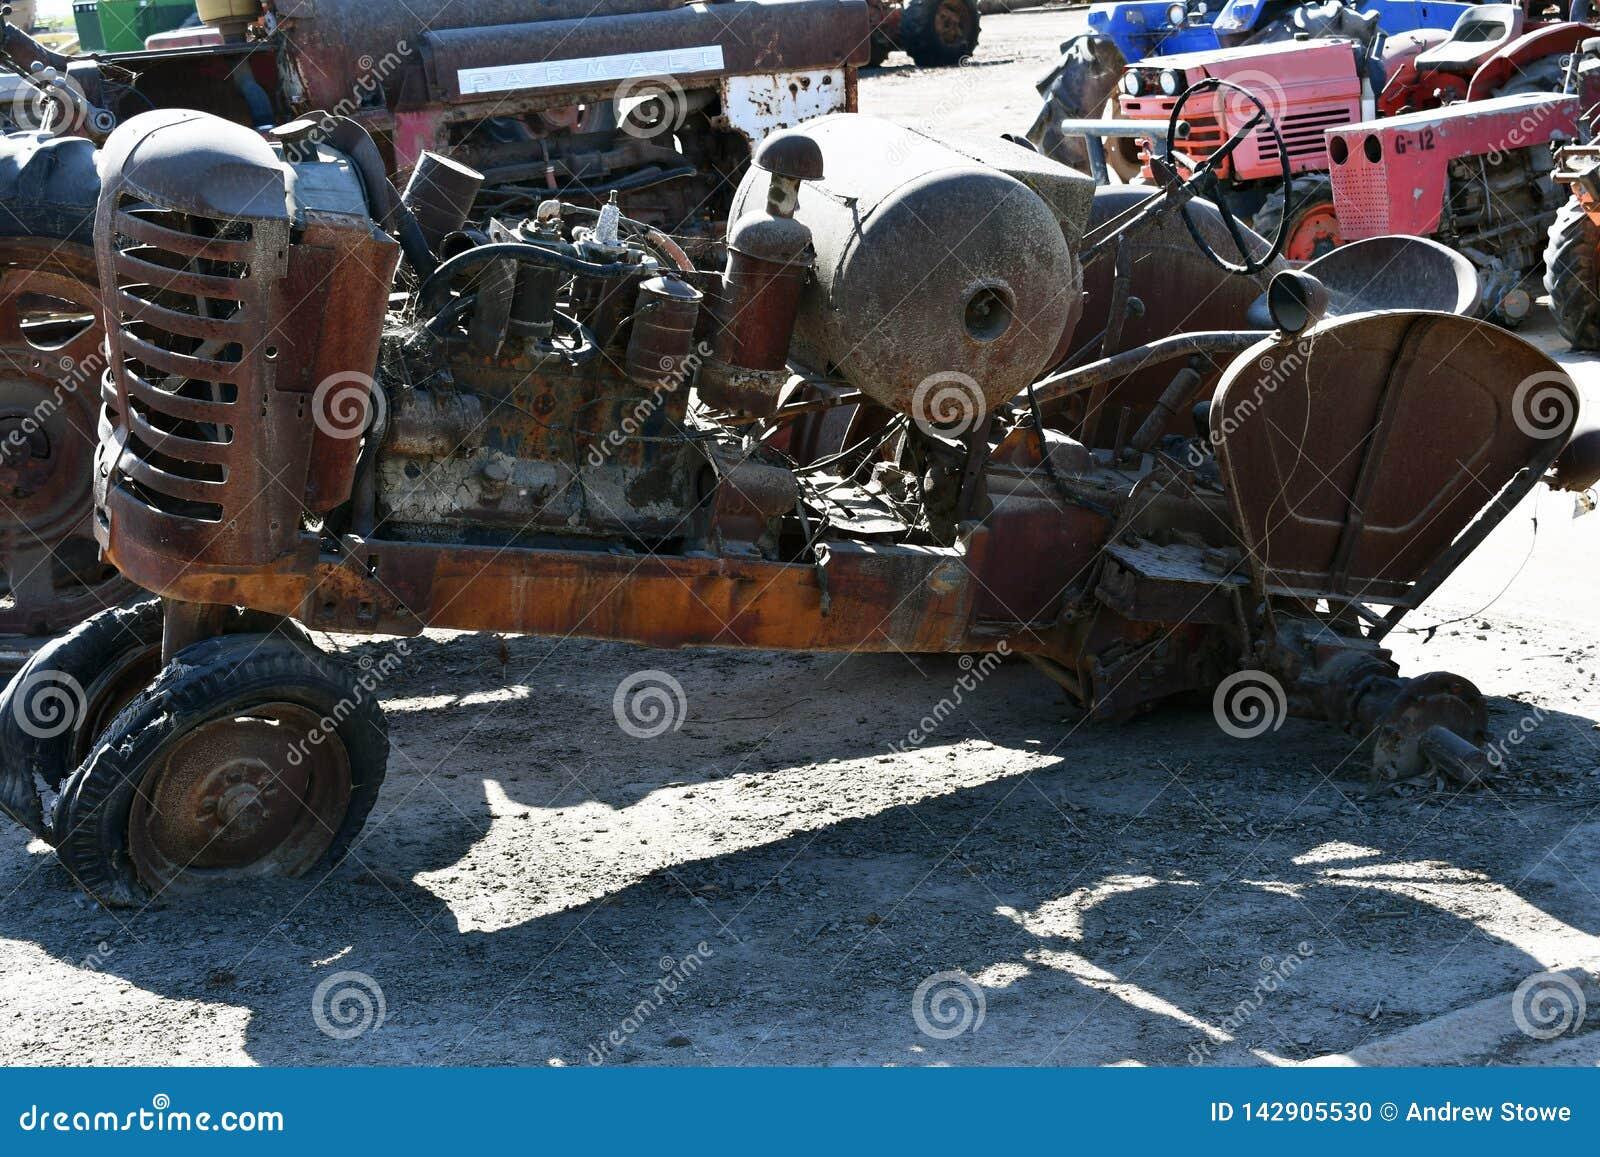 Vista lateral de un tractor agrícola oxidado abandonado viejo